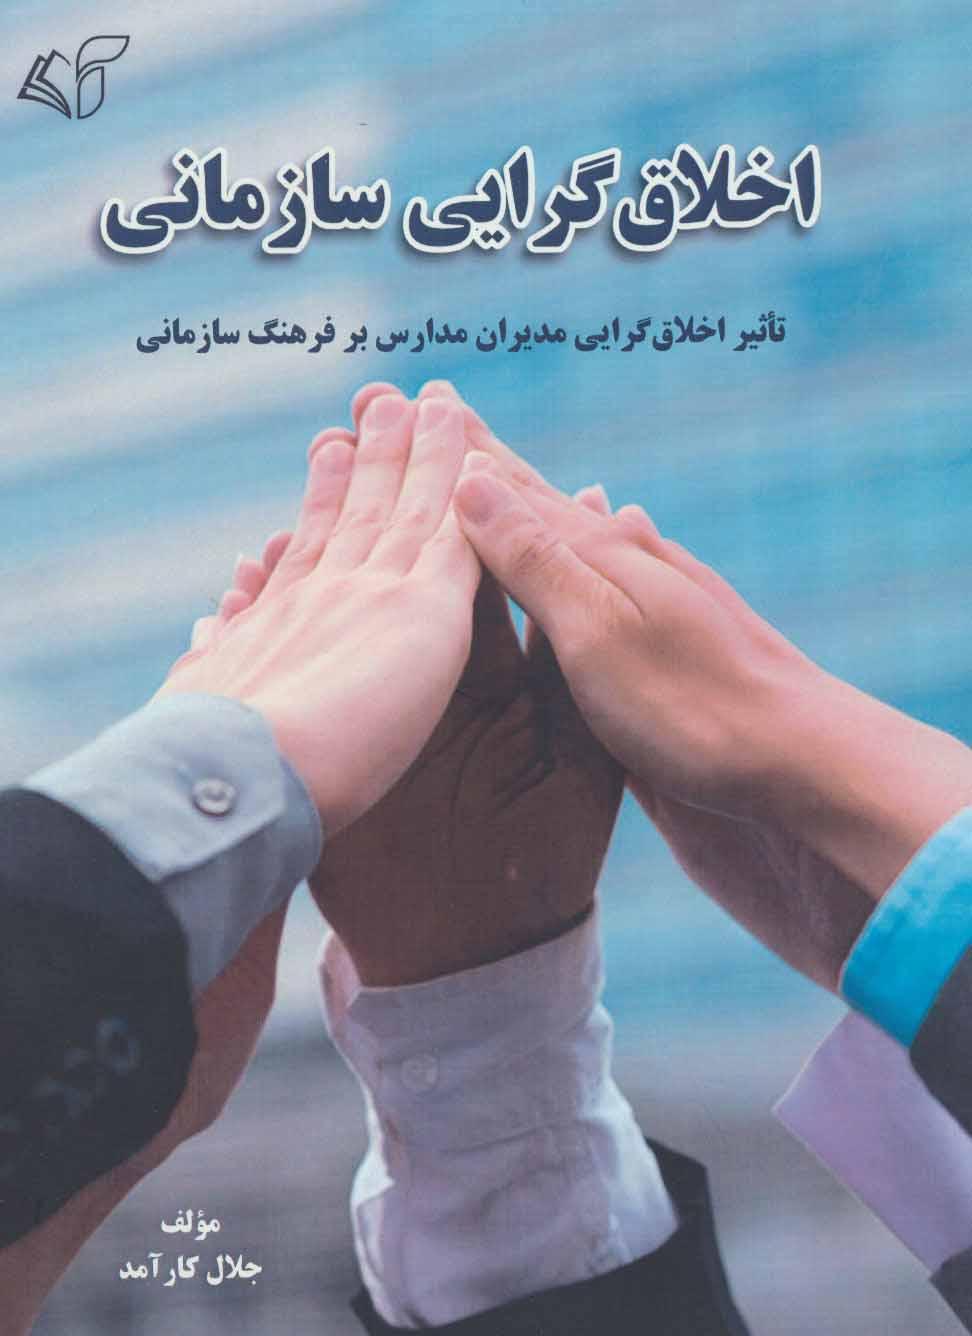 کتاب اخلاقگرایی سازمانی